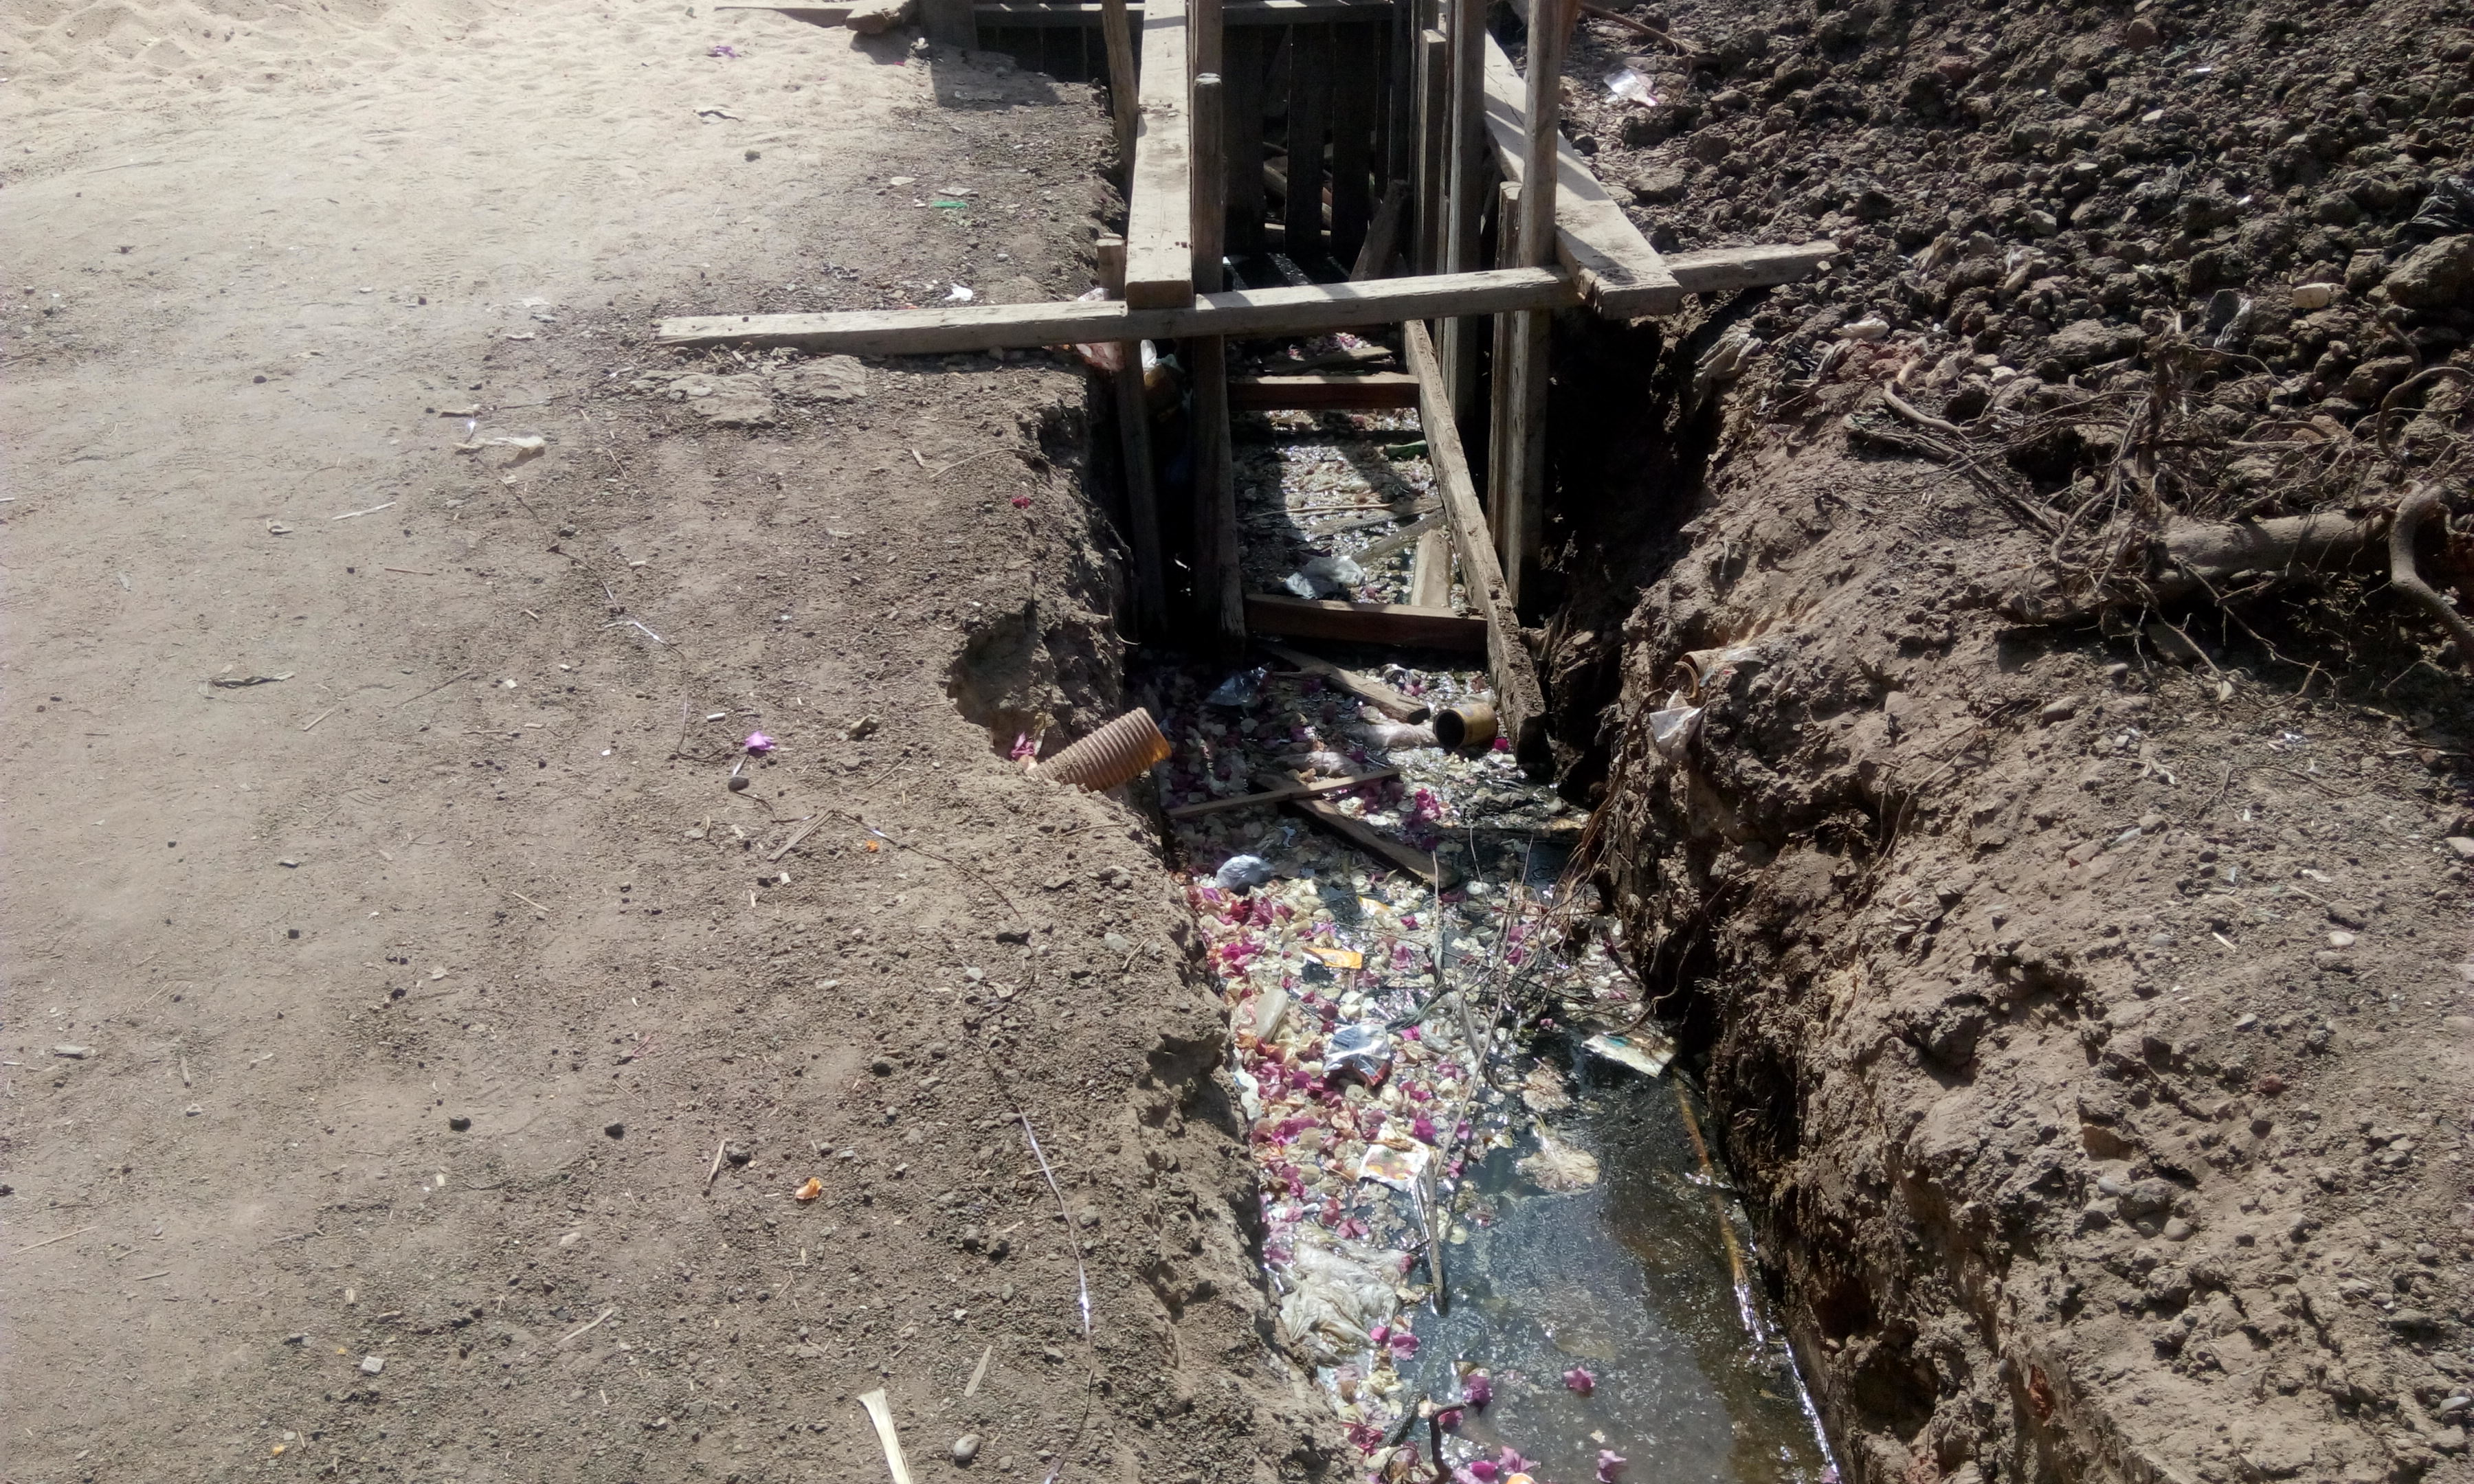 توقف العمل فى مشروع الصرف الصحى بقرية شبراملس فى الغربية (12)